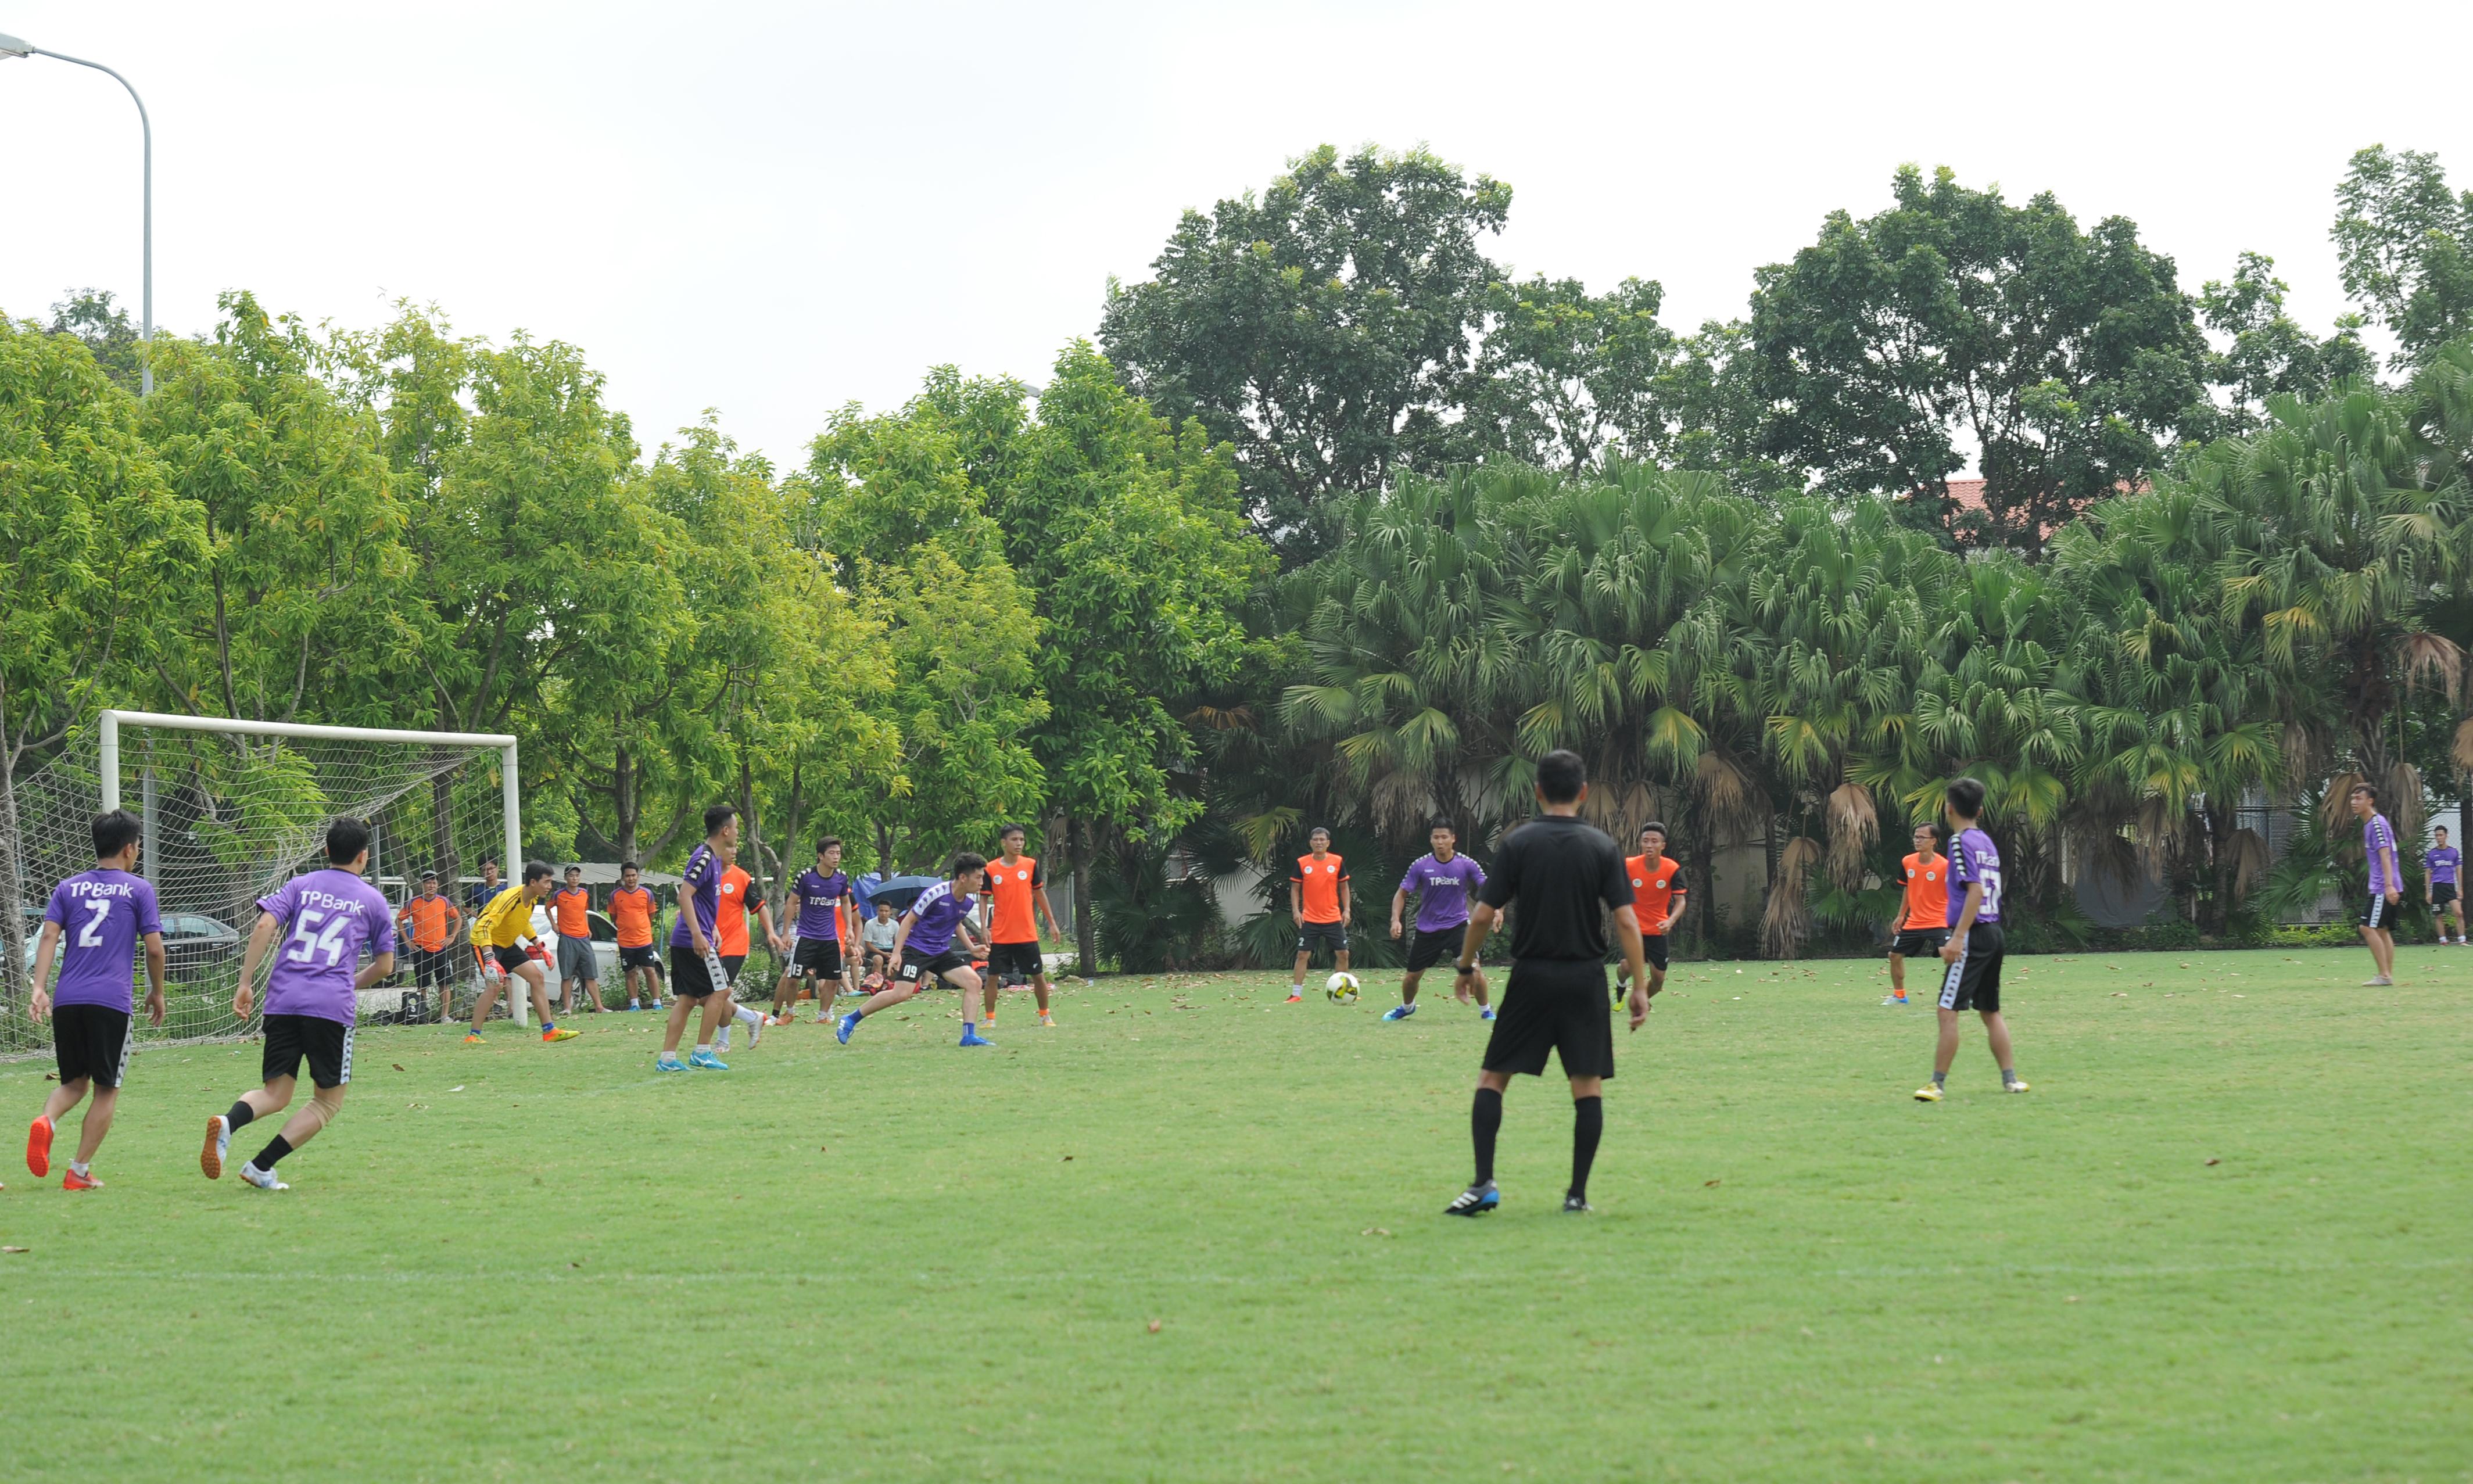 Đội FPT Telecom trong trang phục áo cam, còn TP Bank mặc áo tím. FPT Telecom quyết tâm giành chiến thắng trong trận đấu này do trong loạt trận khai mạc giải đấu, nhà 'Cáo' đã để thua nhà Giáo dục với tỷ số 0-2. Vì vậy, ngay sau tiếng còi khai cuộc, các cầu thủ áo cam đã dâng cao đội hình, tràn hết sang sân TP Bank để gây sức ép cho đối phương, tìm kiếm bàn thắng.